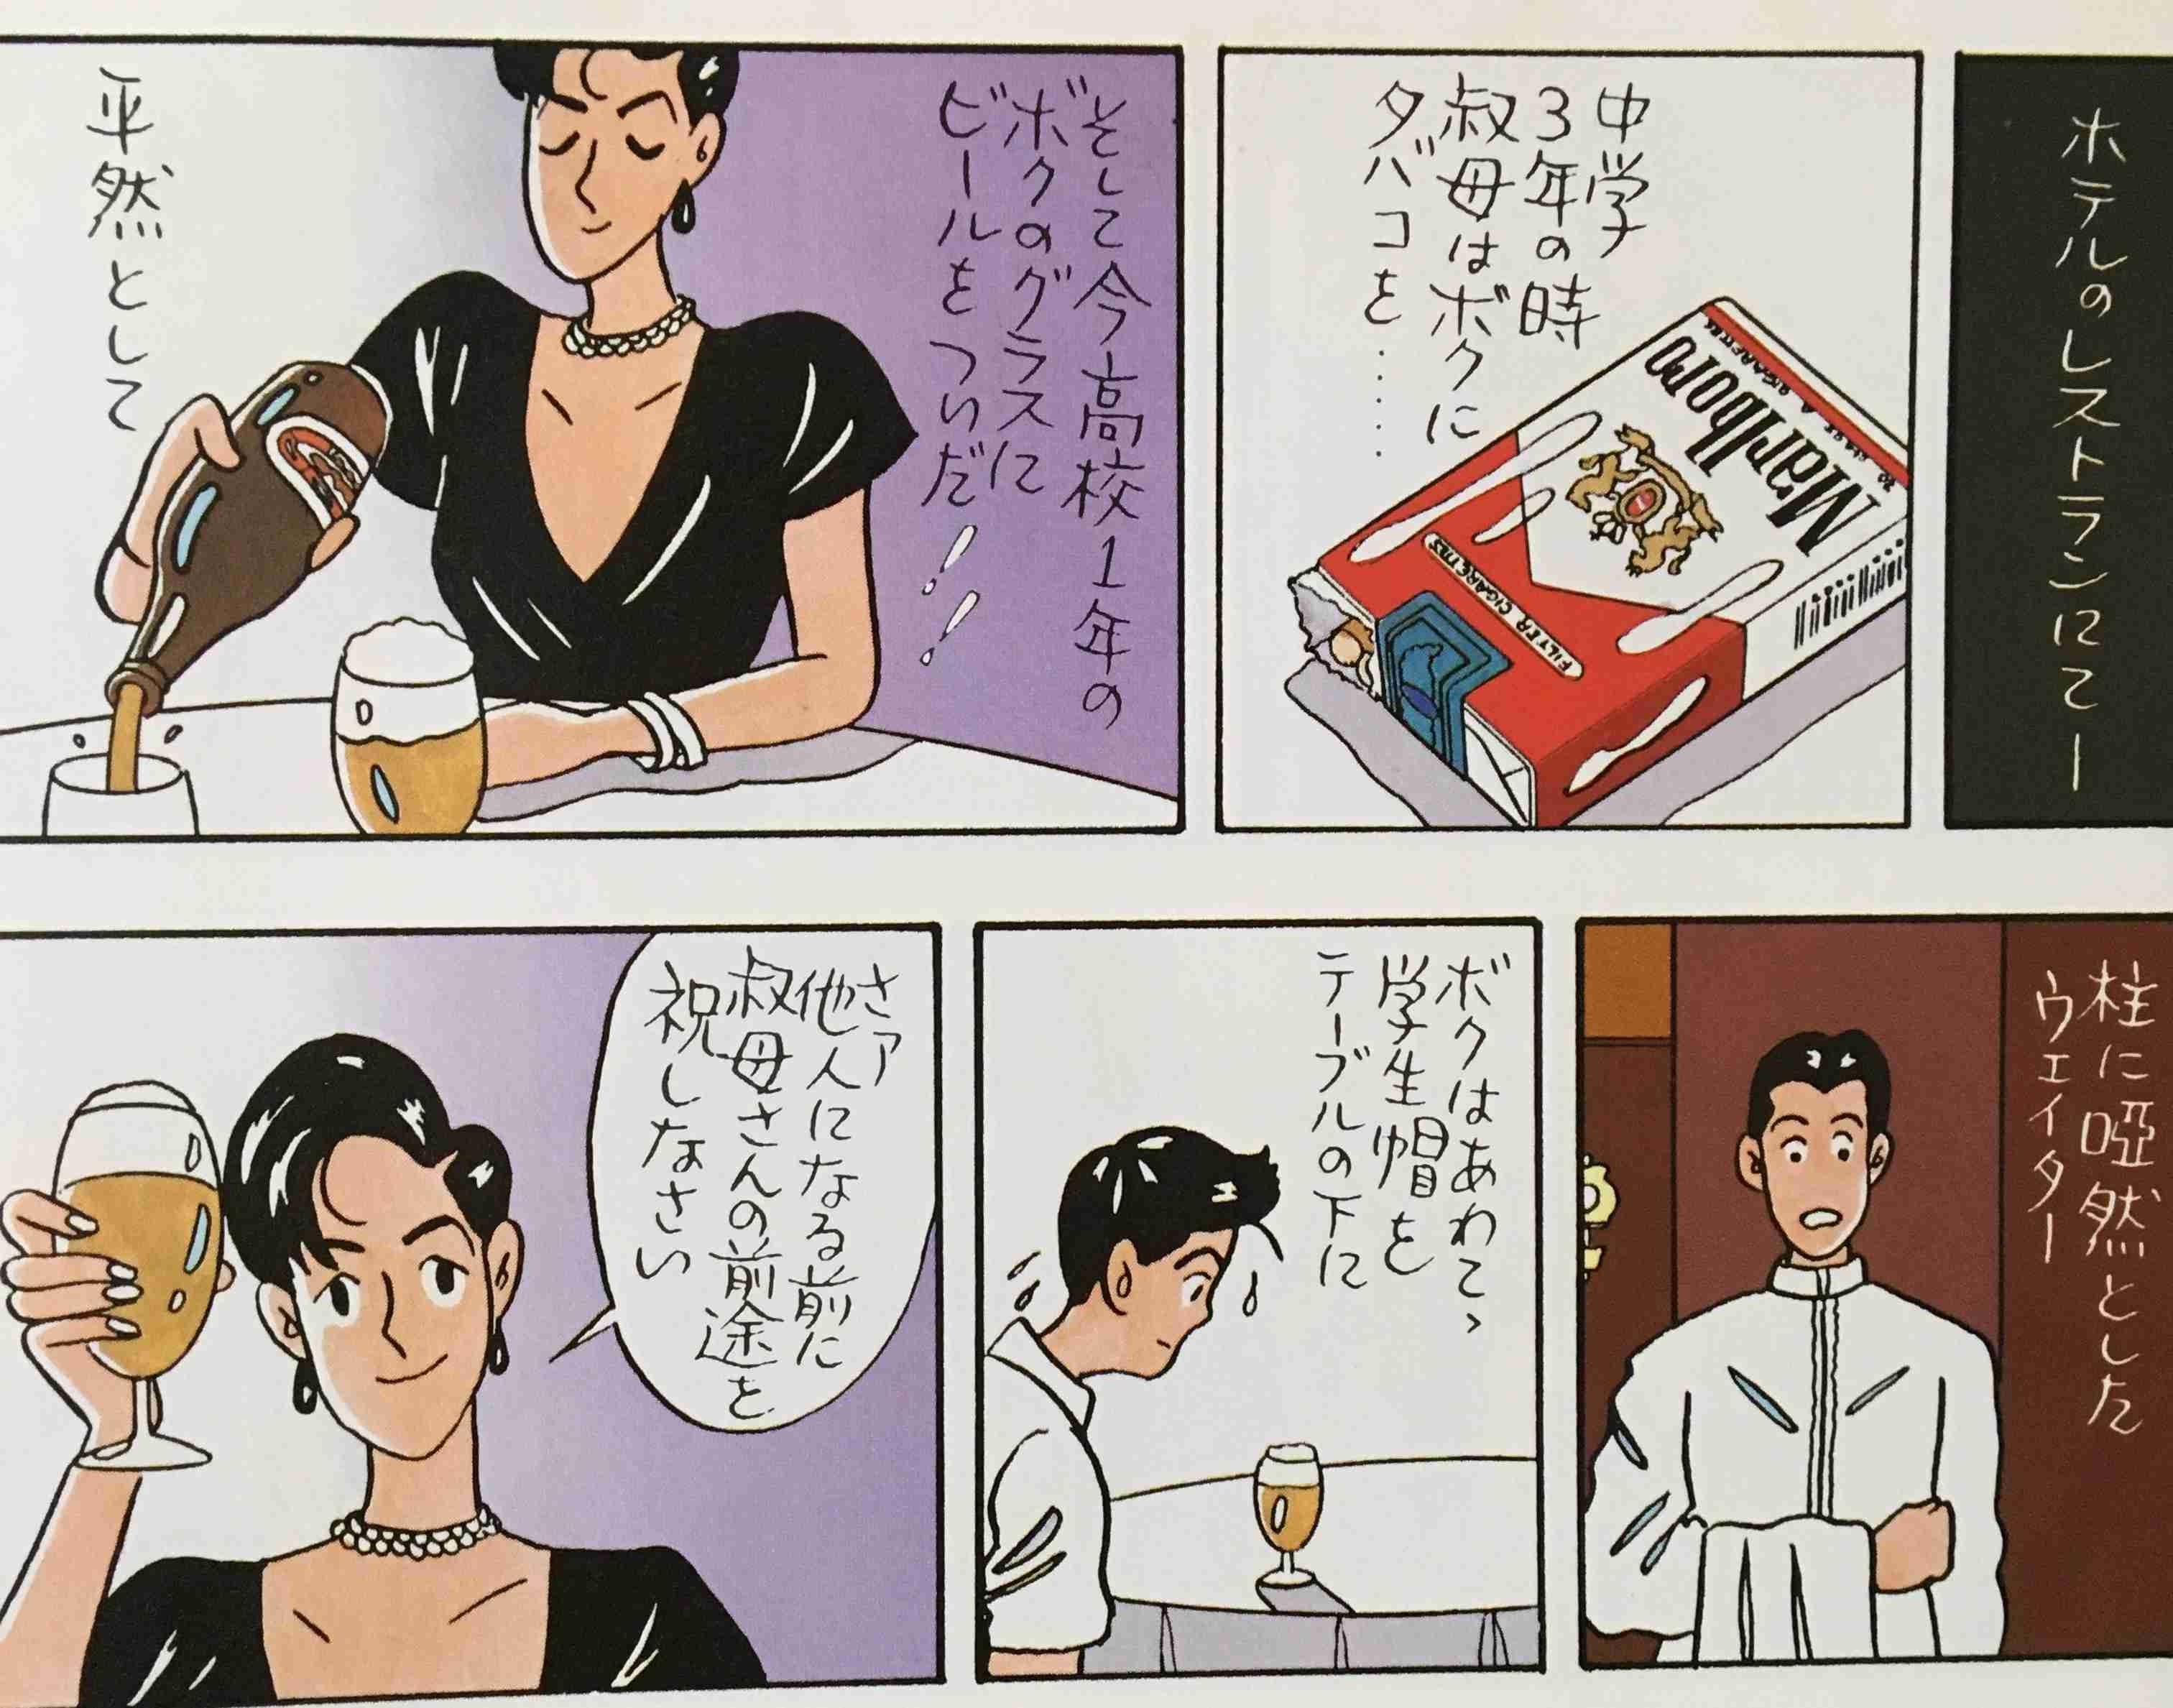 「今ならアウト!」な漫画のシーン